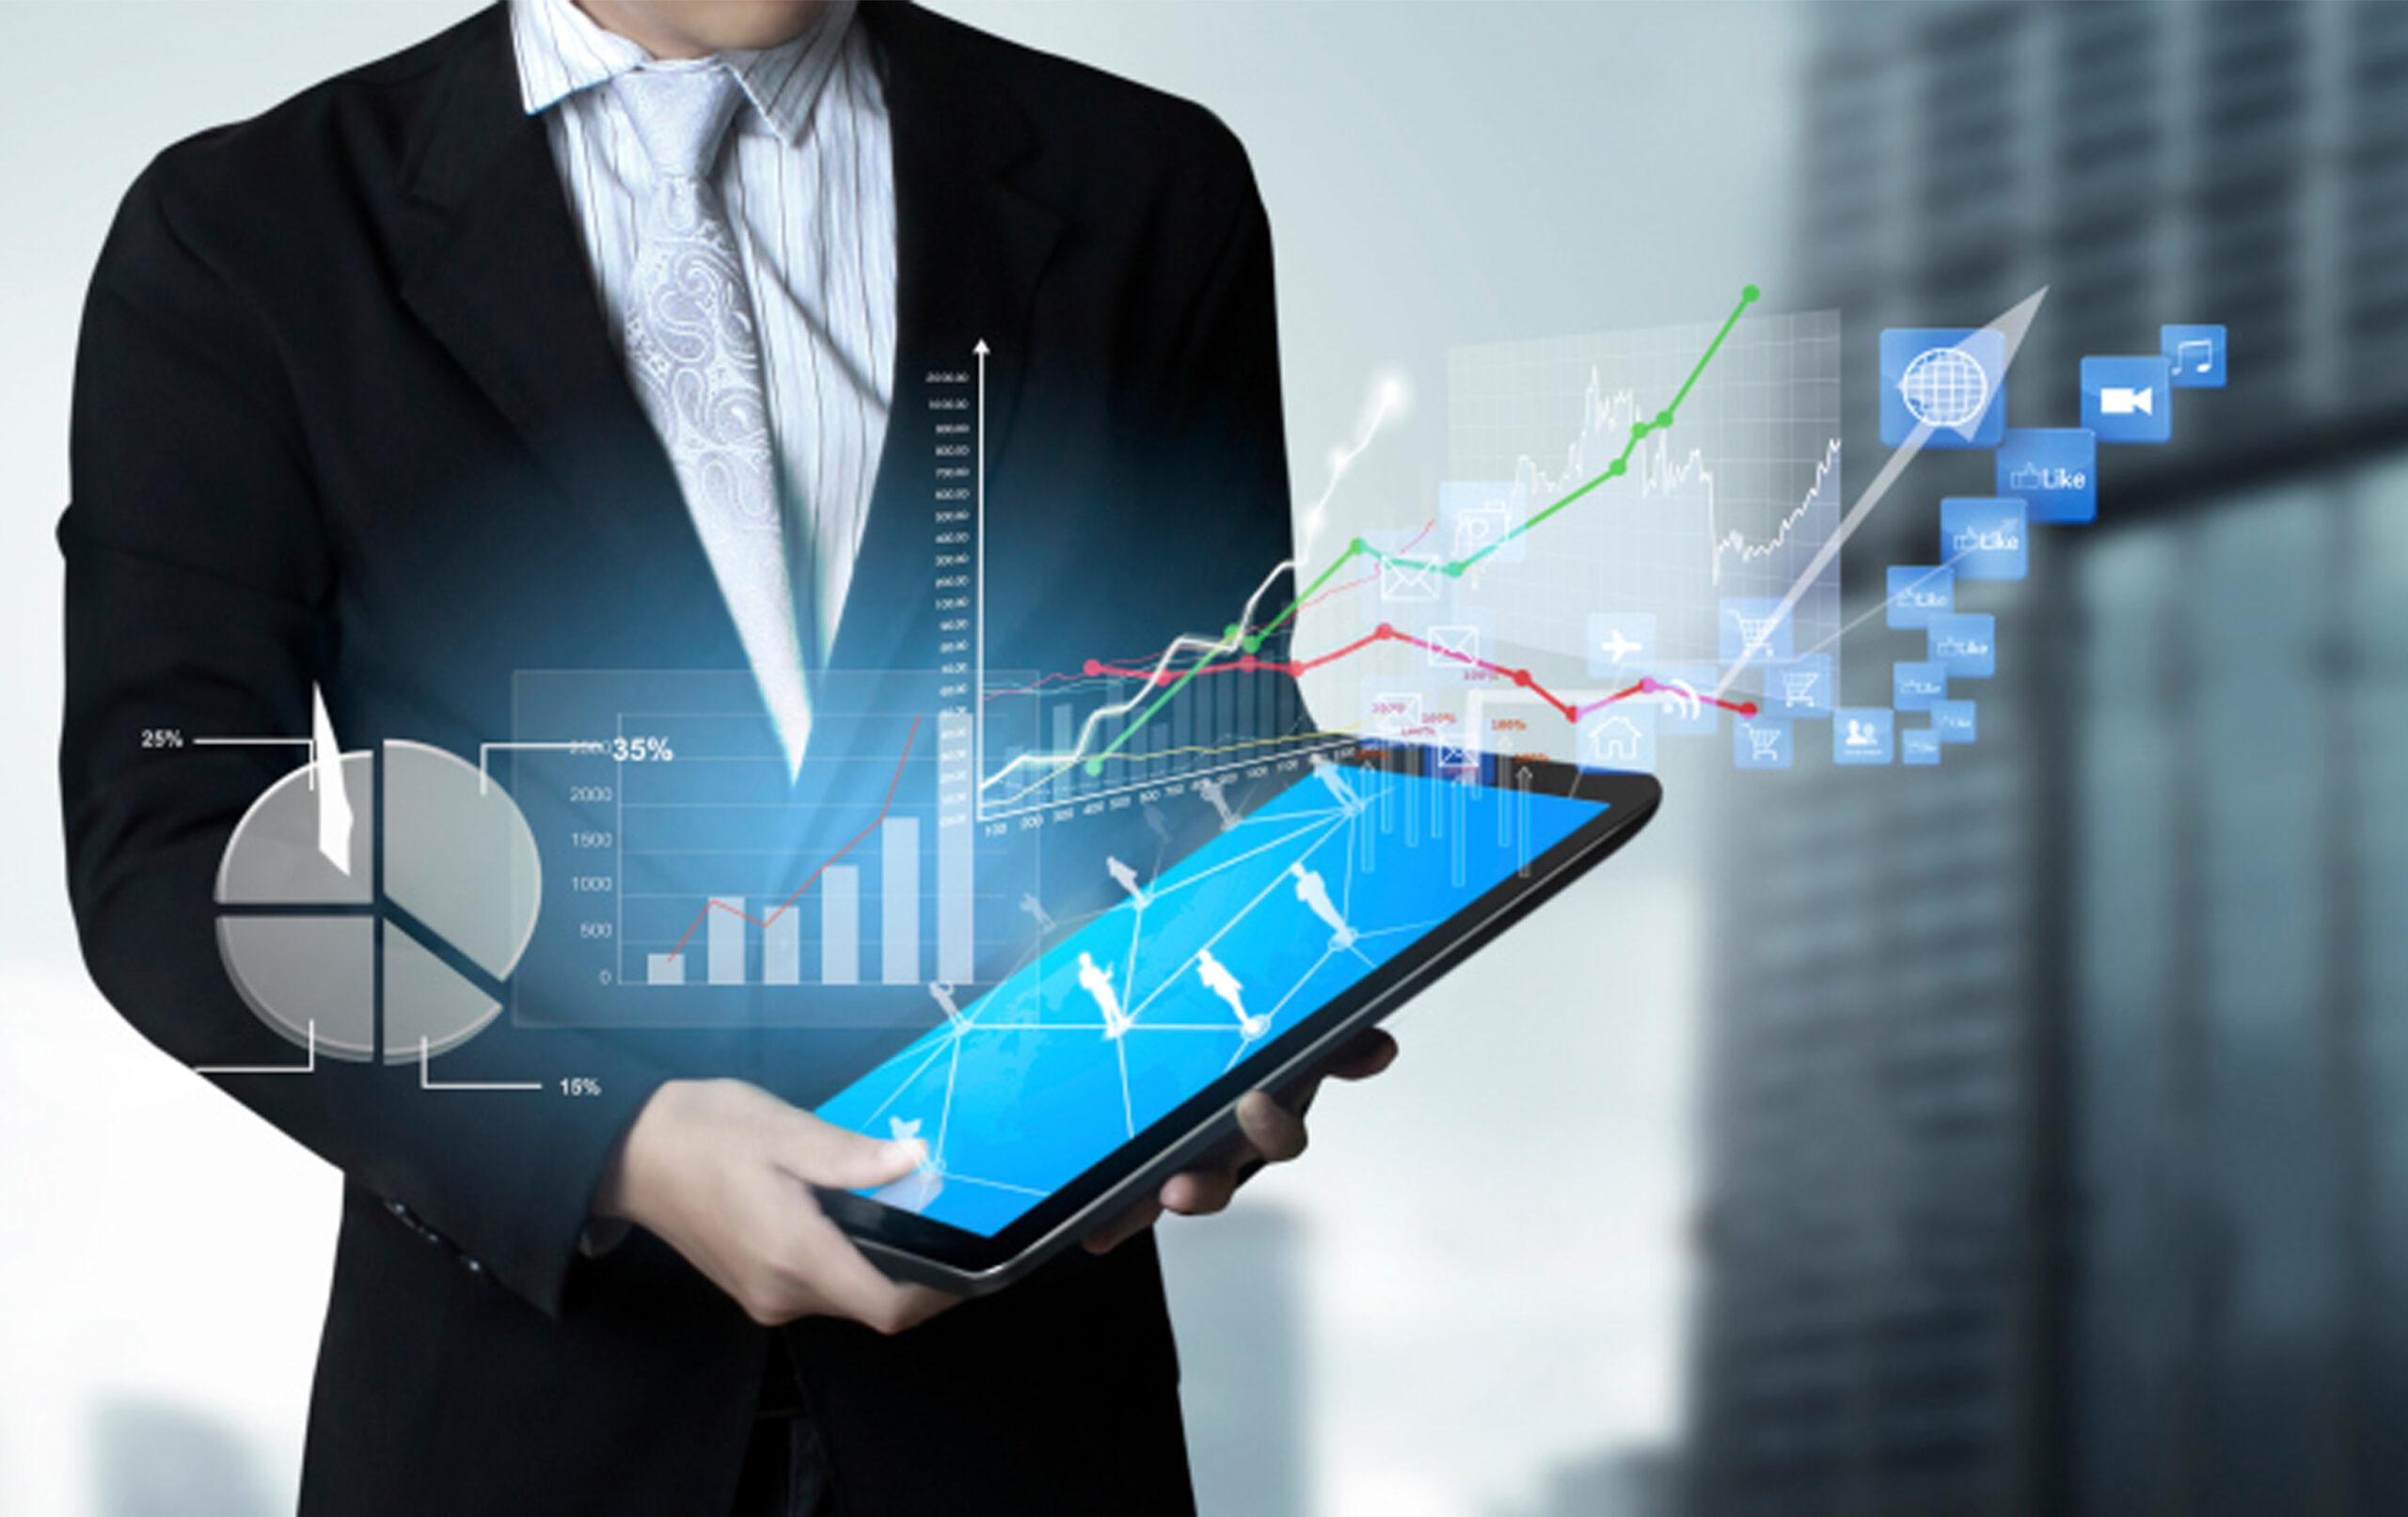 Des informations intéressantes pour ceux qui aspirent à devenir trader